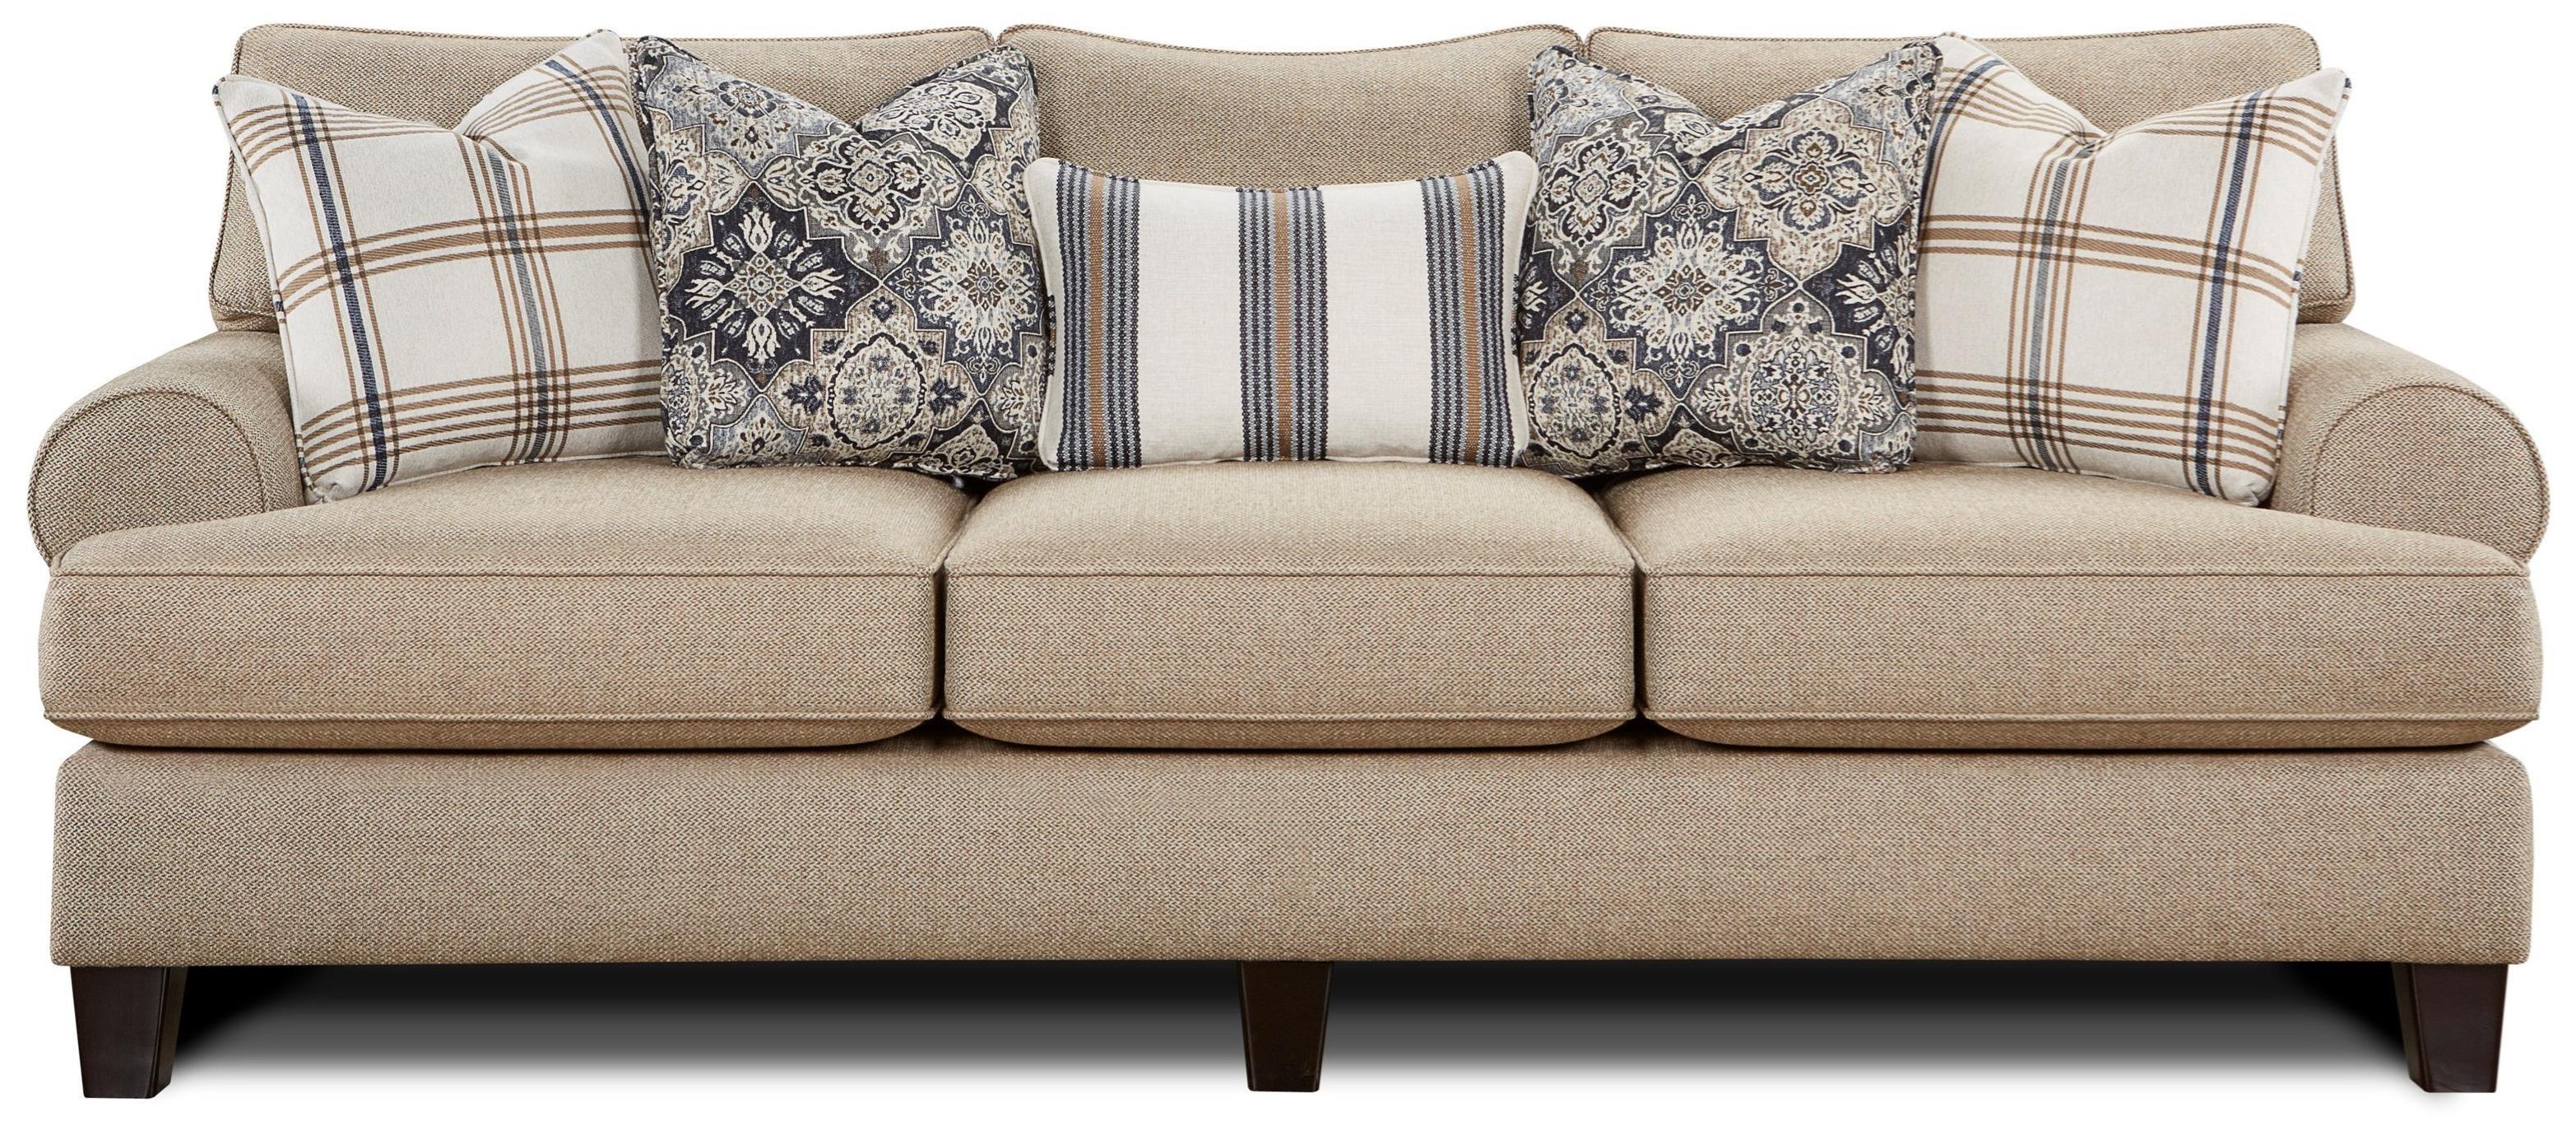 Fusion Furniture 4200Sofa ...